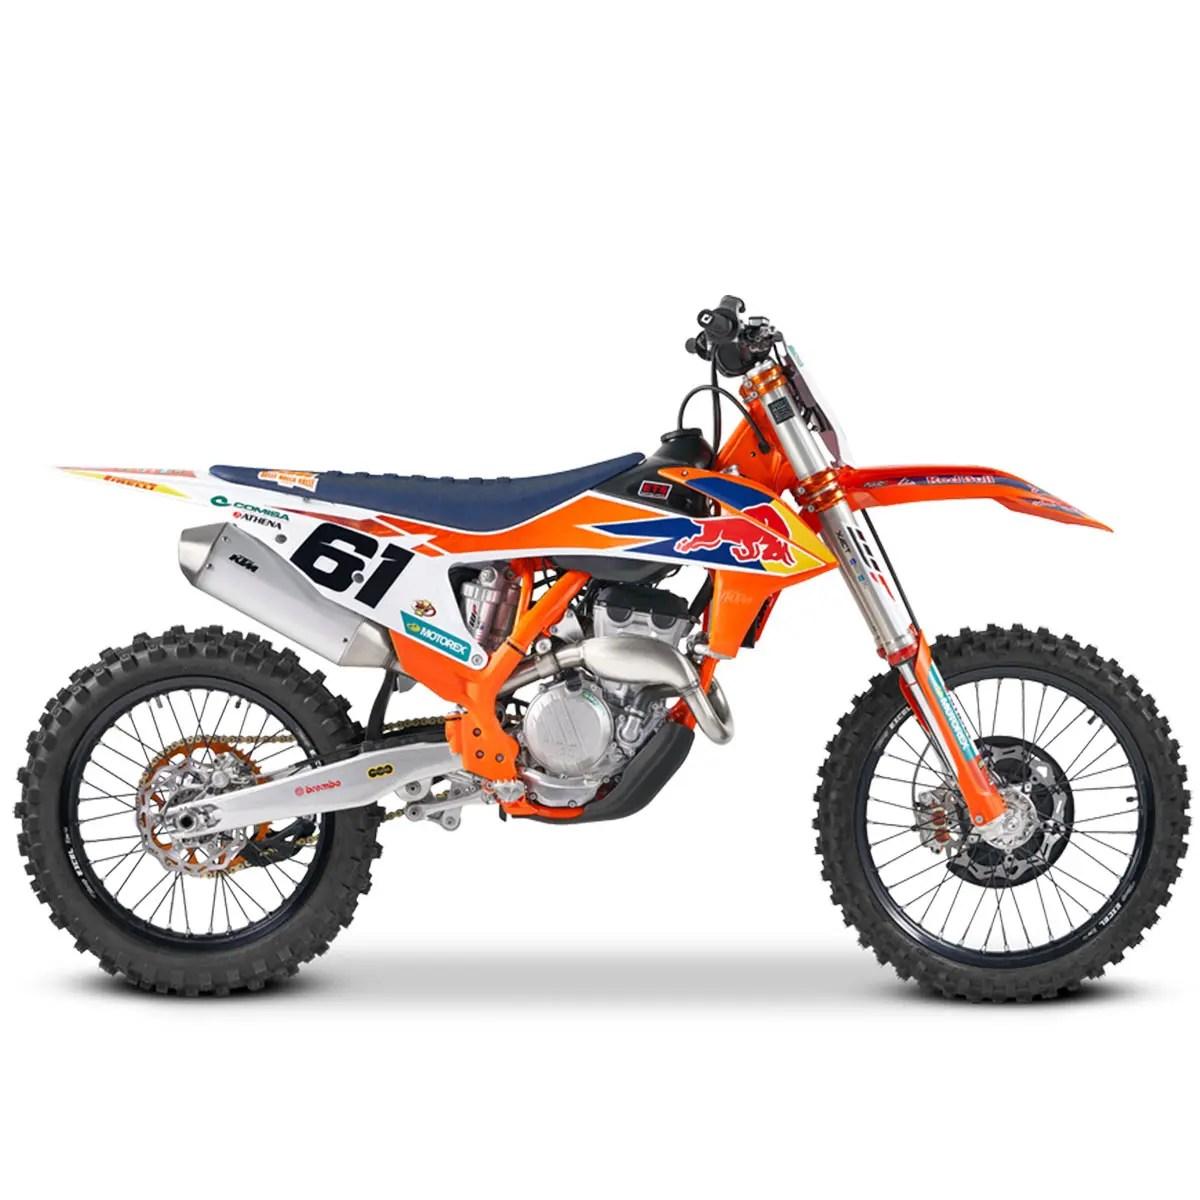 KTM-250-SX-F-PRADO